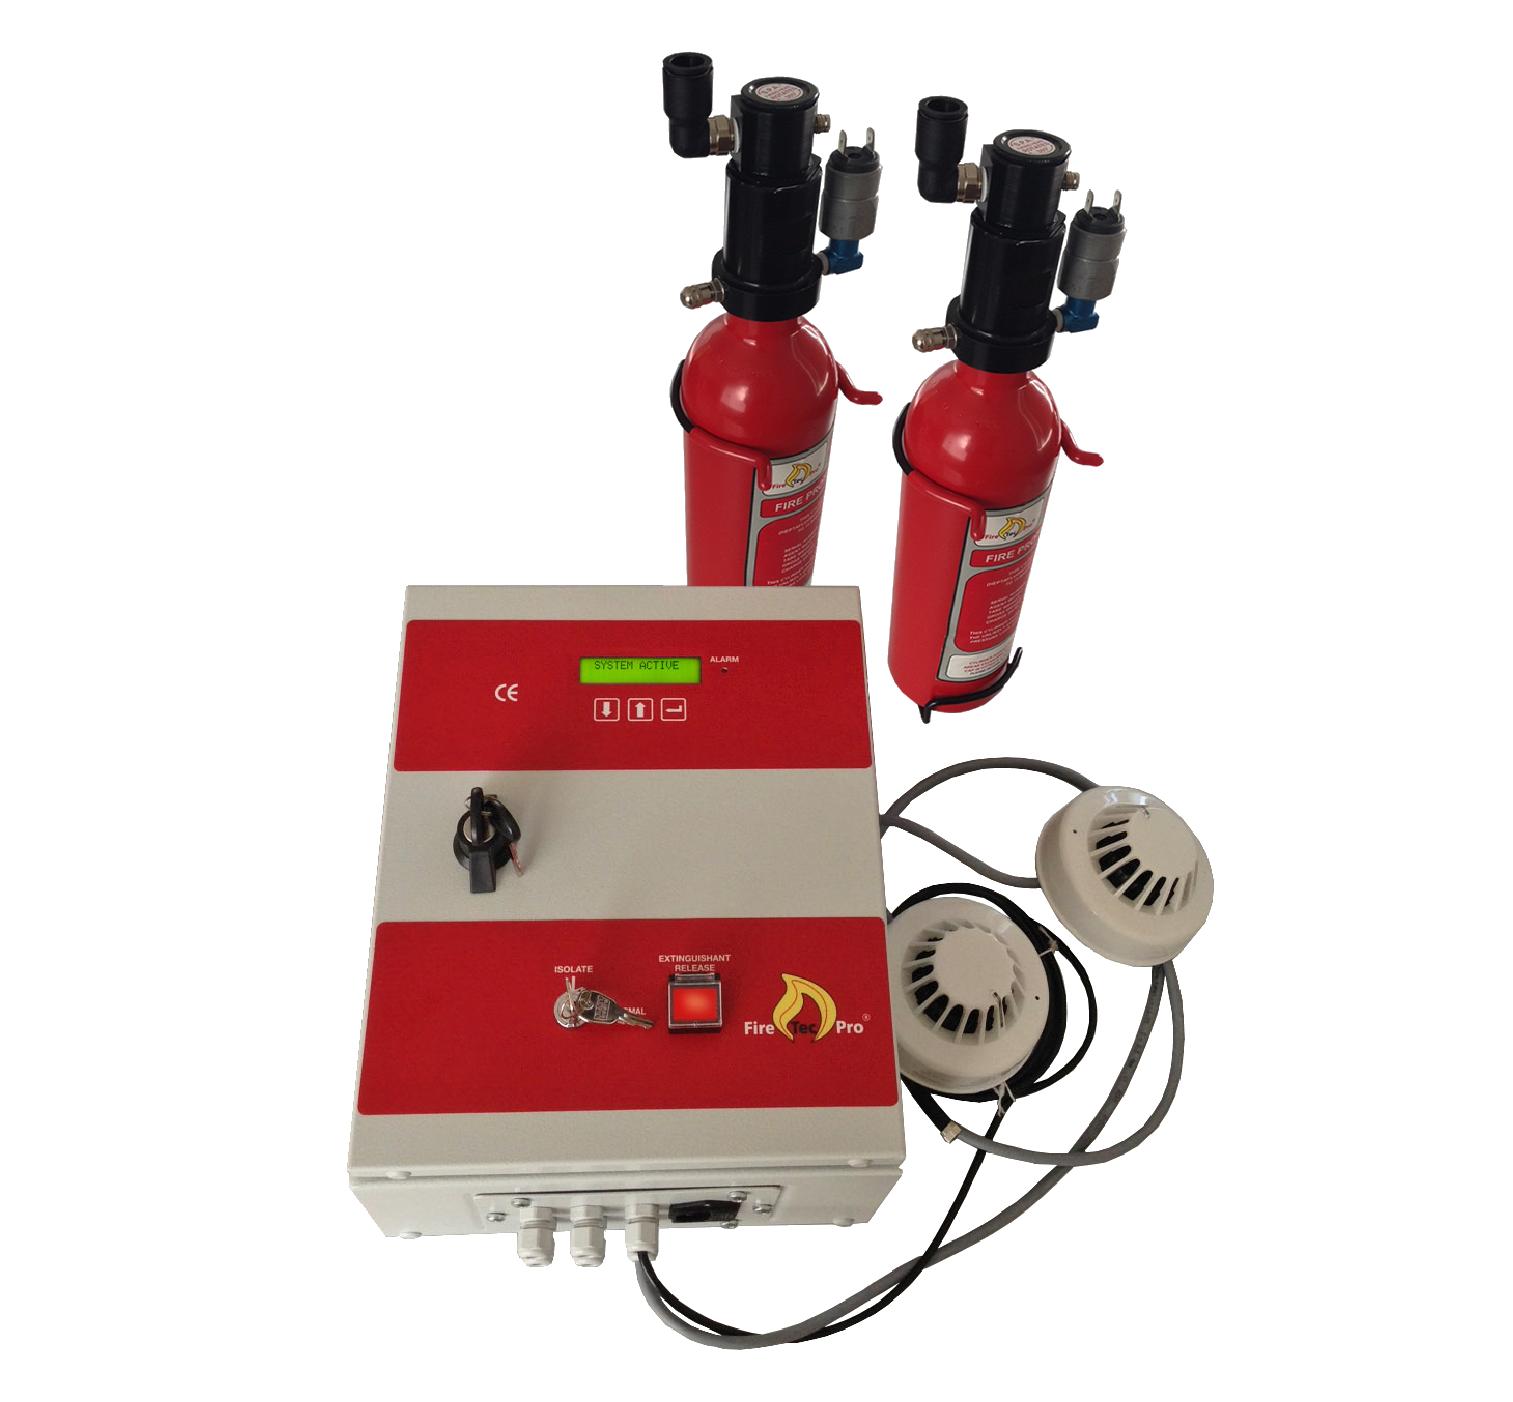 Een voorbeeld hoe de FireTecPro Industrial eruit ziet